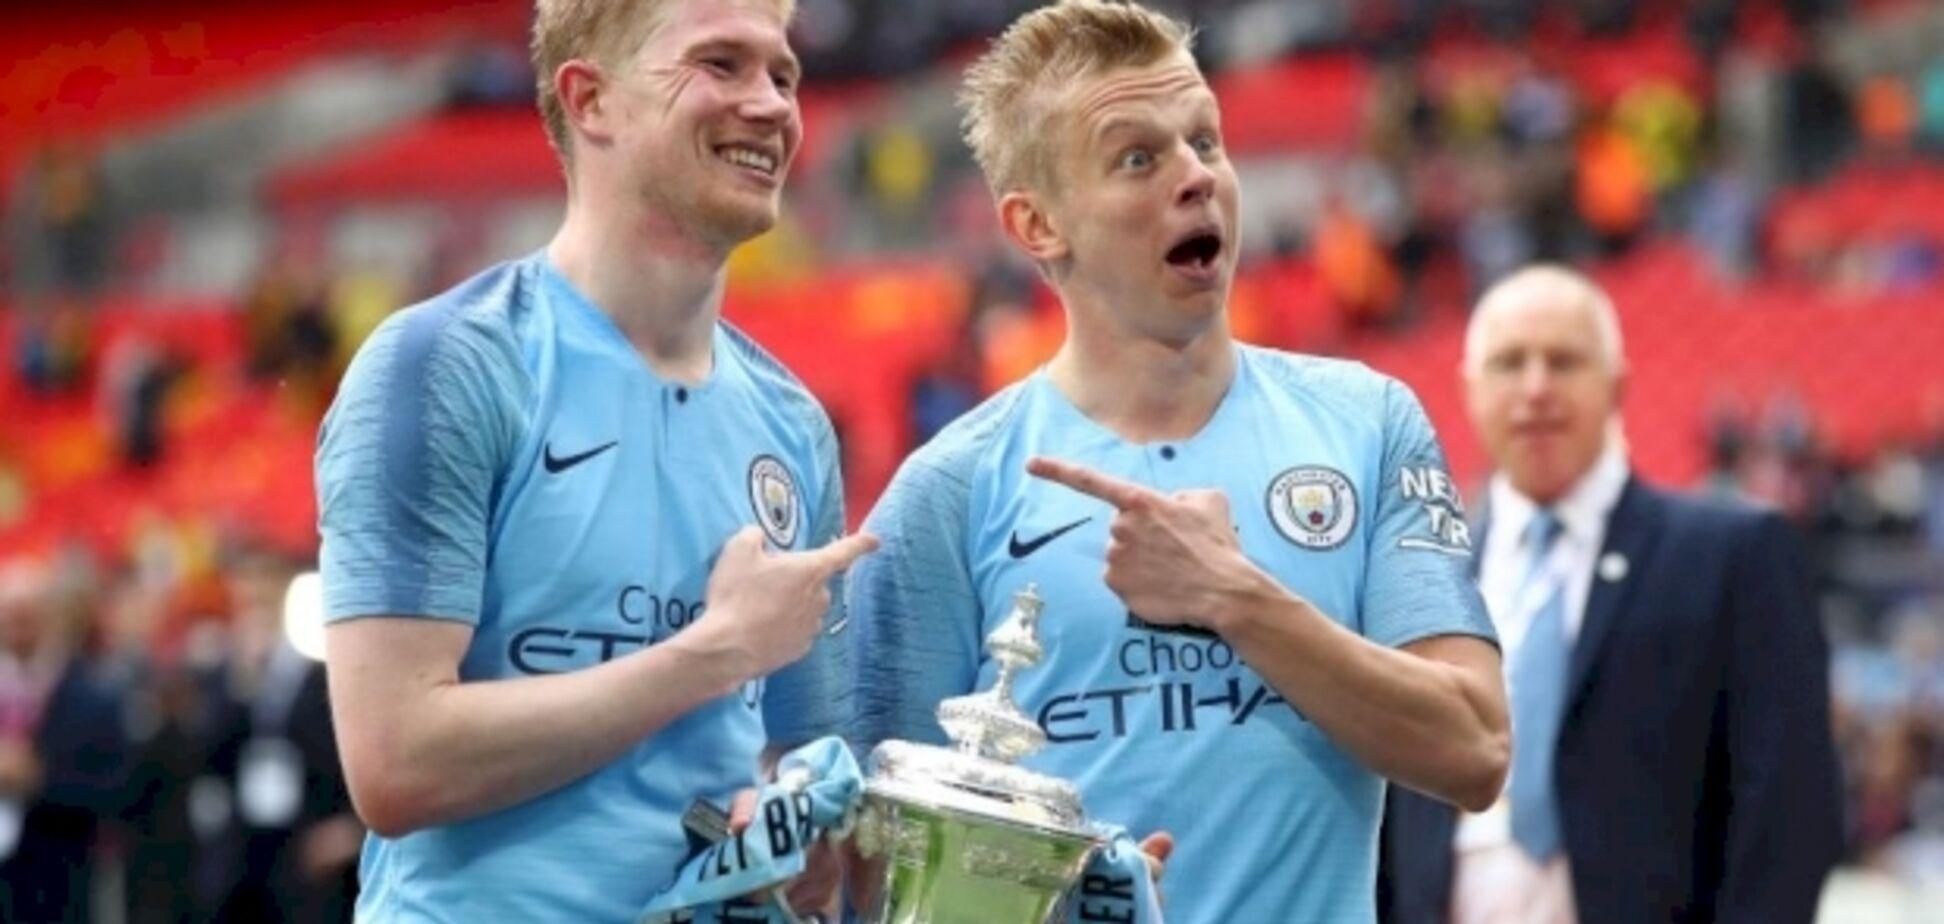 'Скидав в командний чат відео': вчинок Зінченка вразив 'Манчестер Сіті'